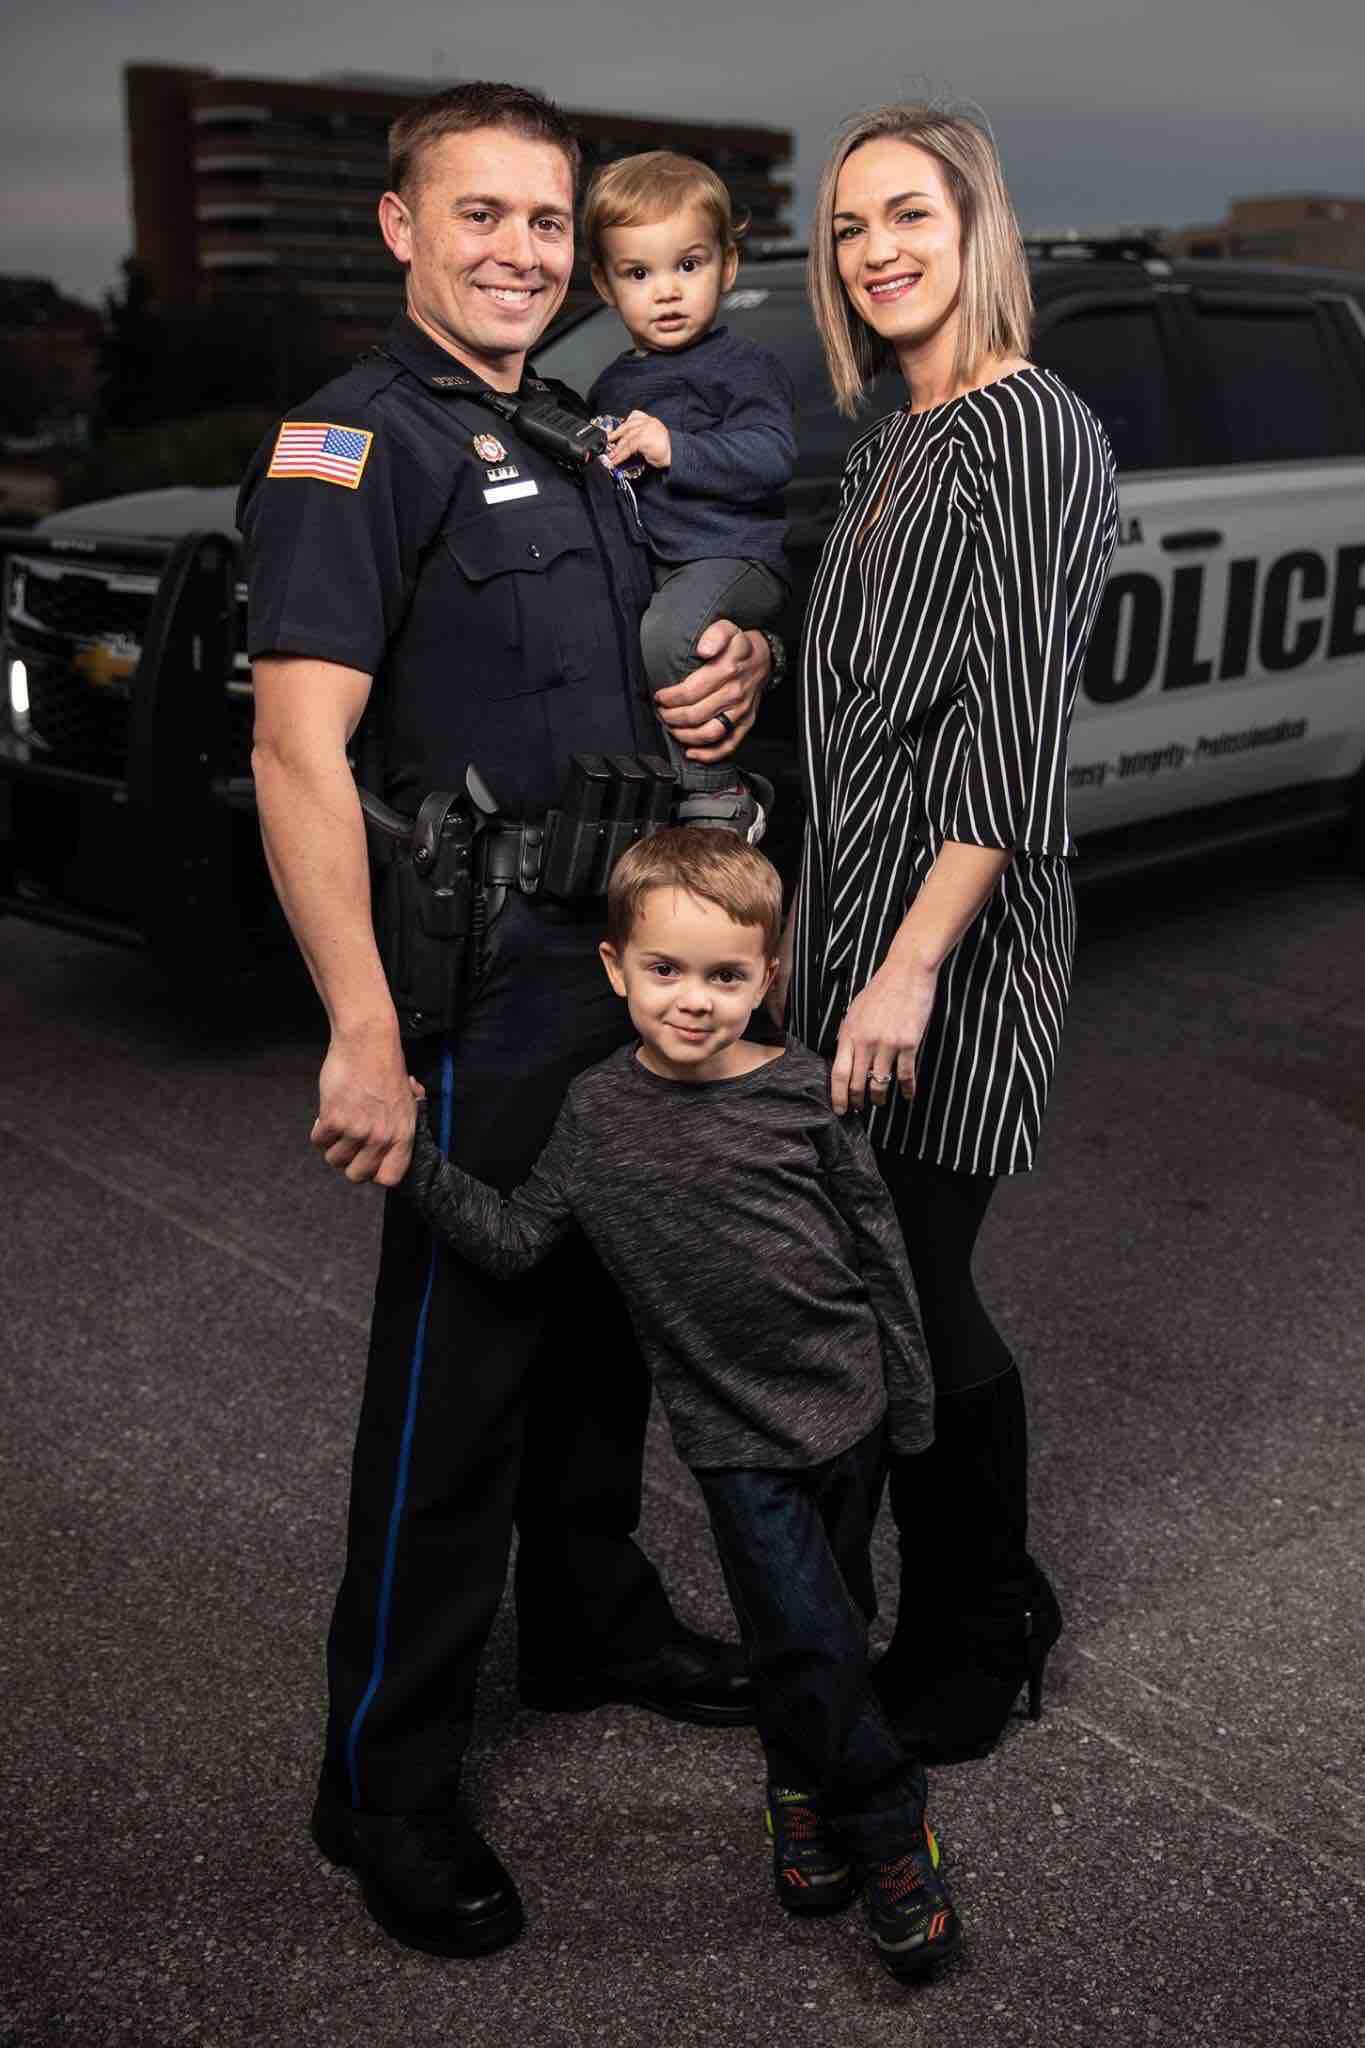 Photo Credit: Pensacola News Journal (PNJ)